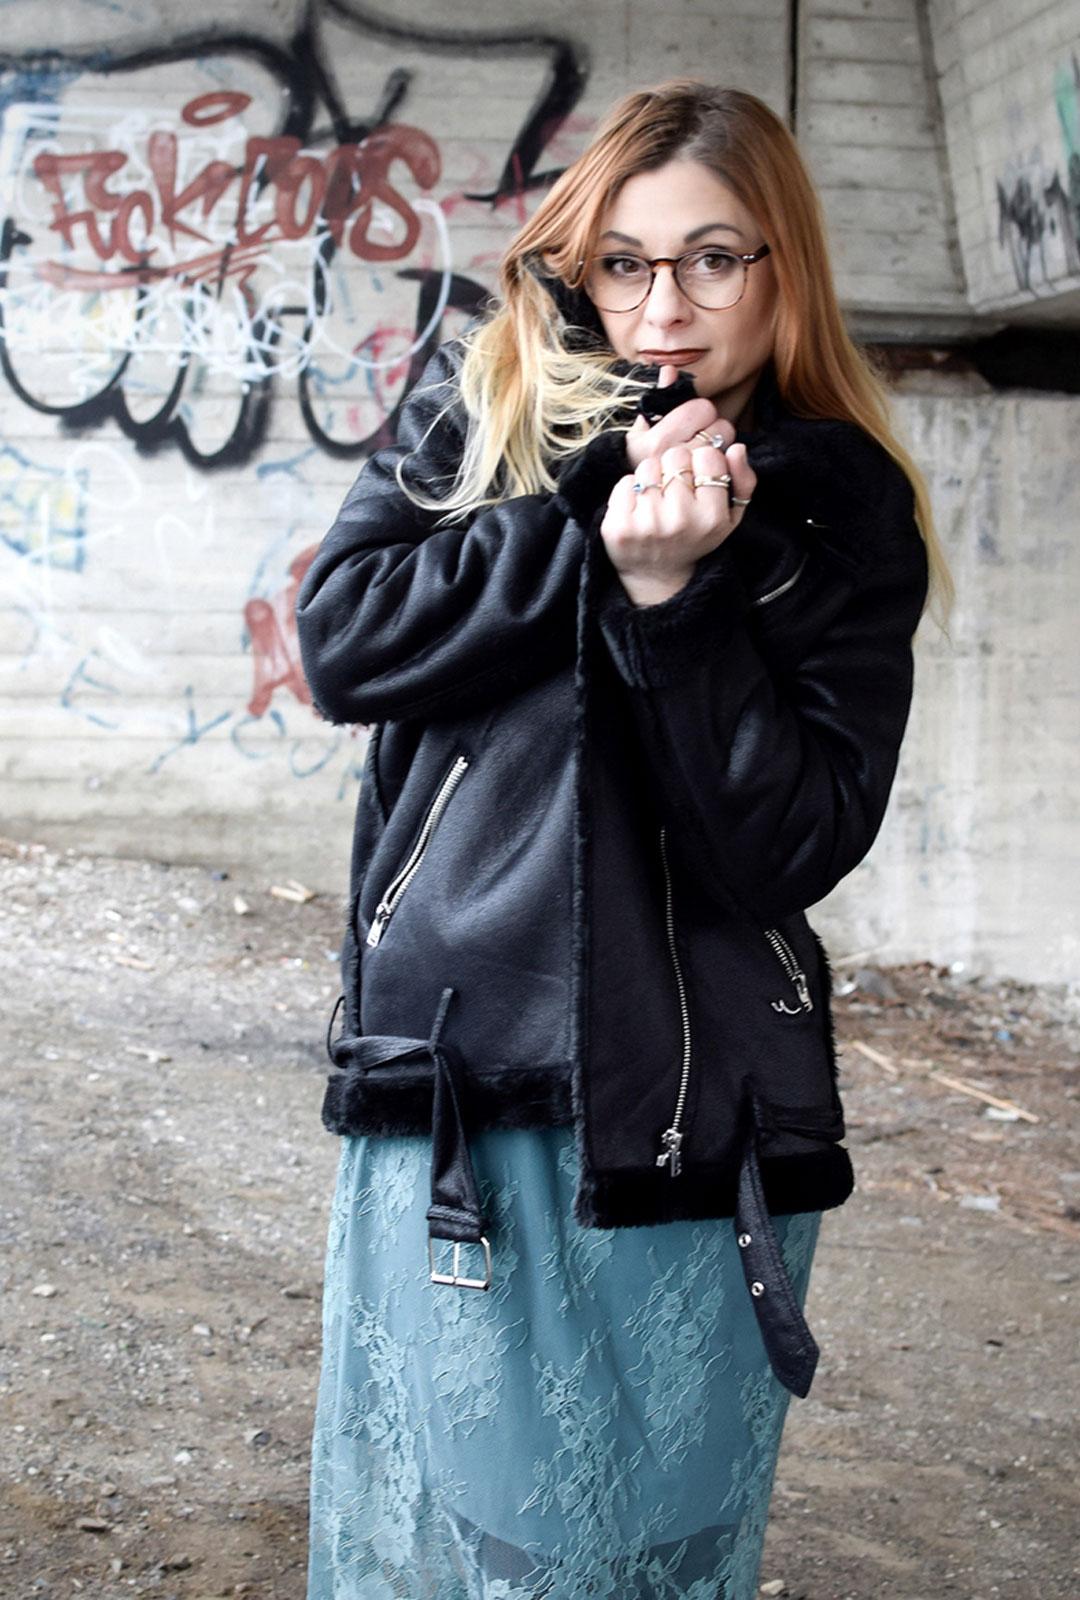 schwarze Bikerjacke LTB, Spitzenkleid von Pieces, schwarze Nieten Boots Steve Madden